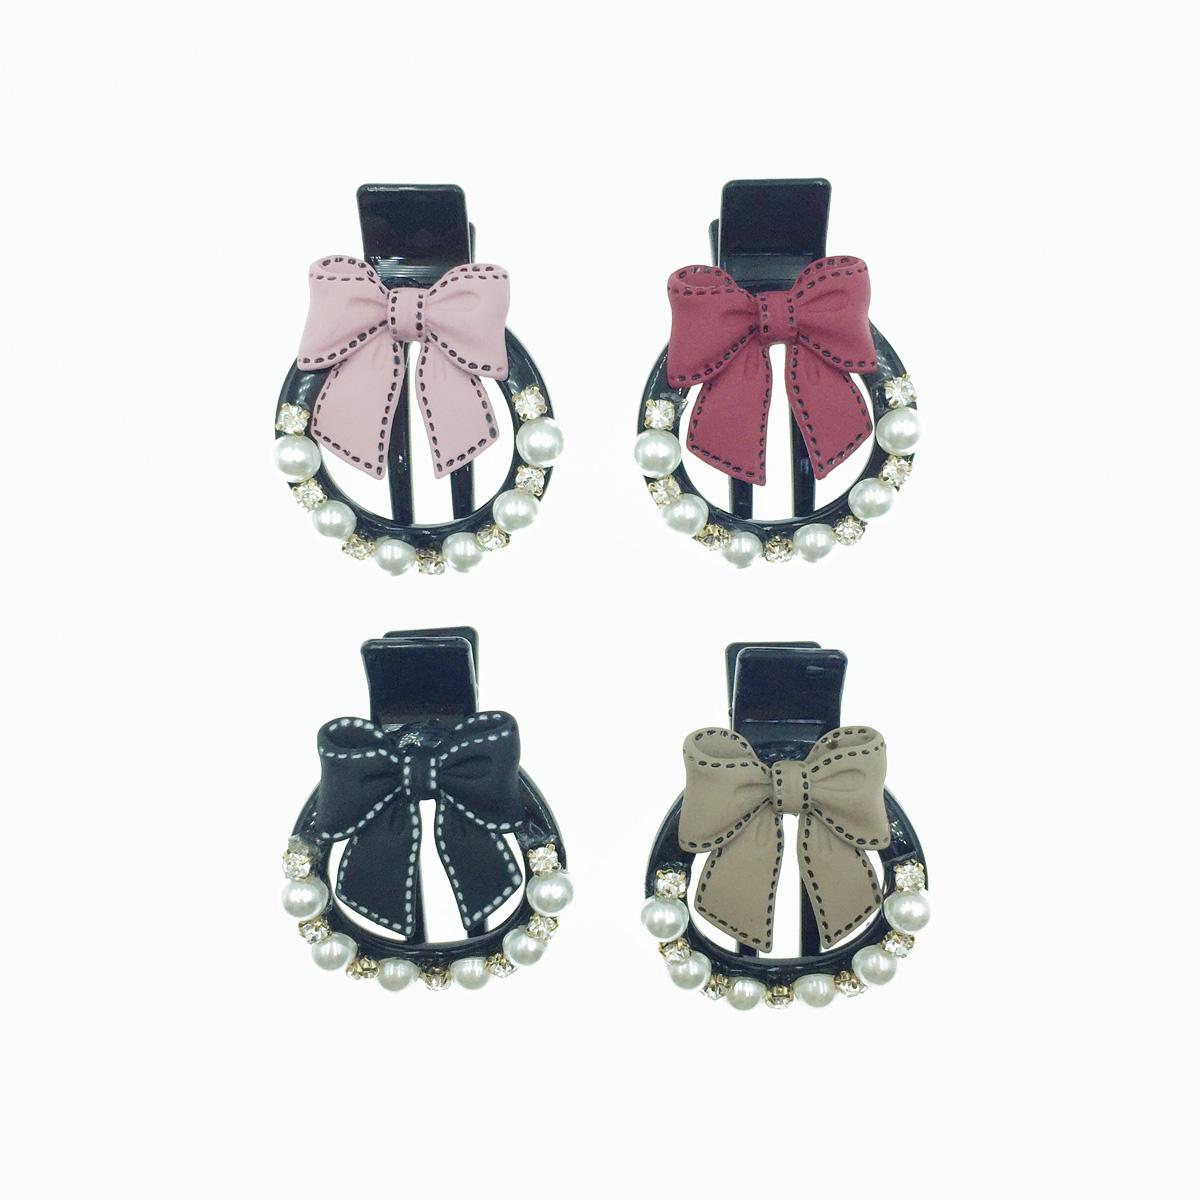 韓國 可愛蝴蝶結 緞帶 珍珠 水鑽 圓形 髮夾 髮飾